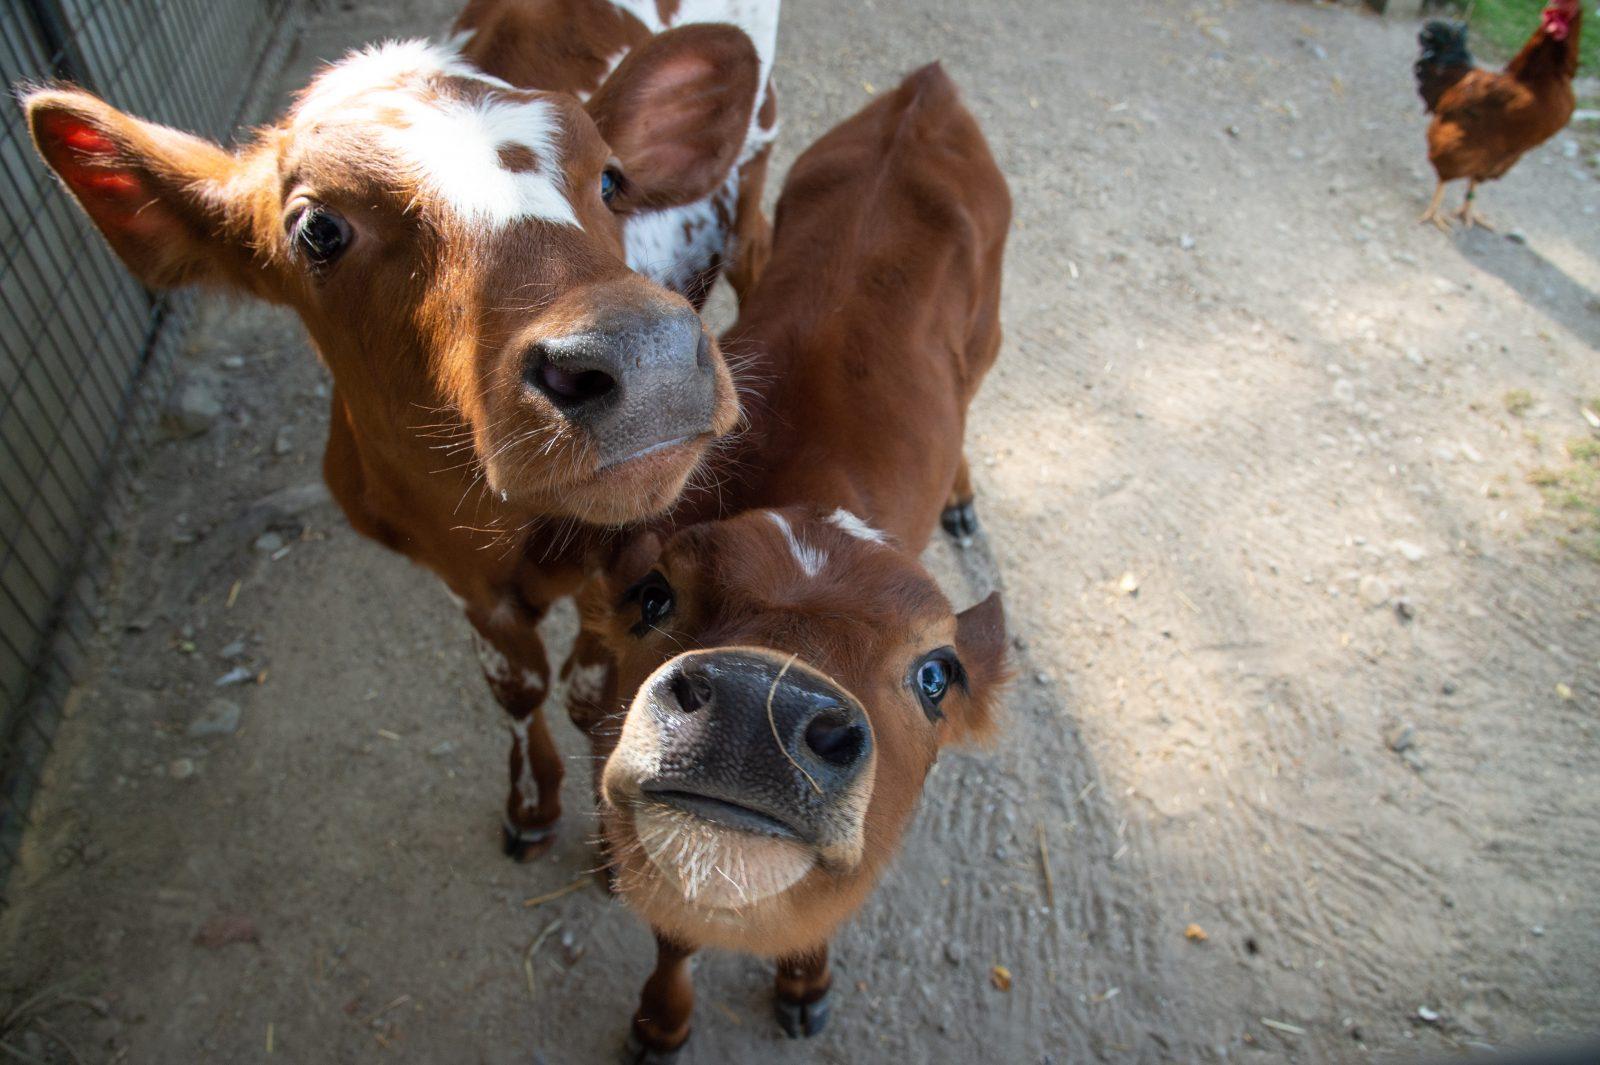 Dois bezerros resgatados da indústria de laticínios fazem amizade